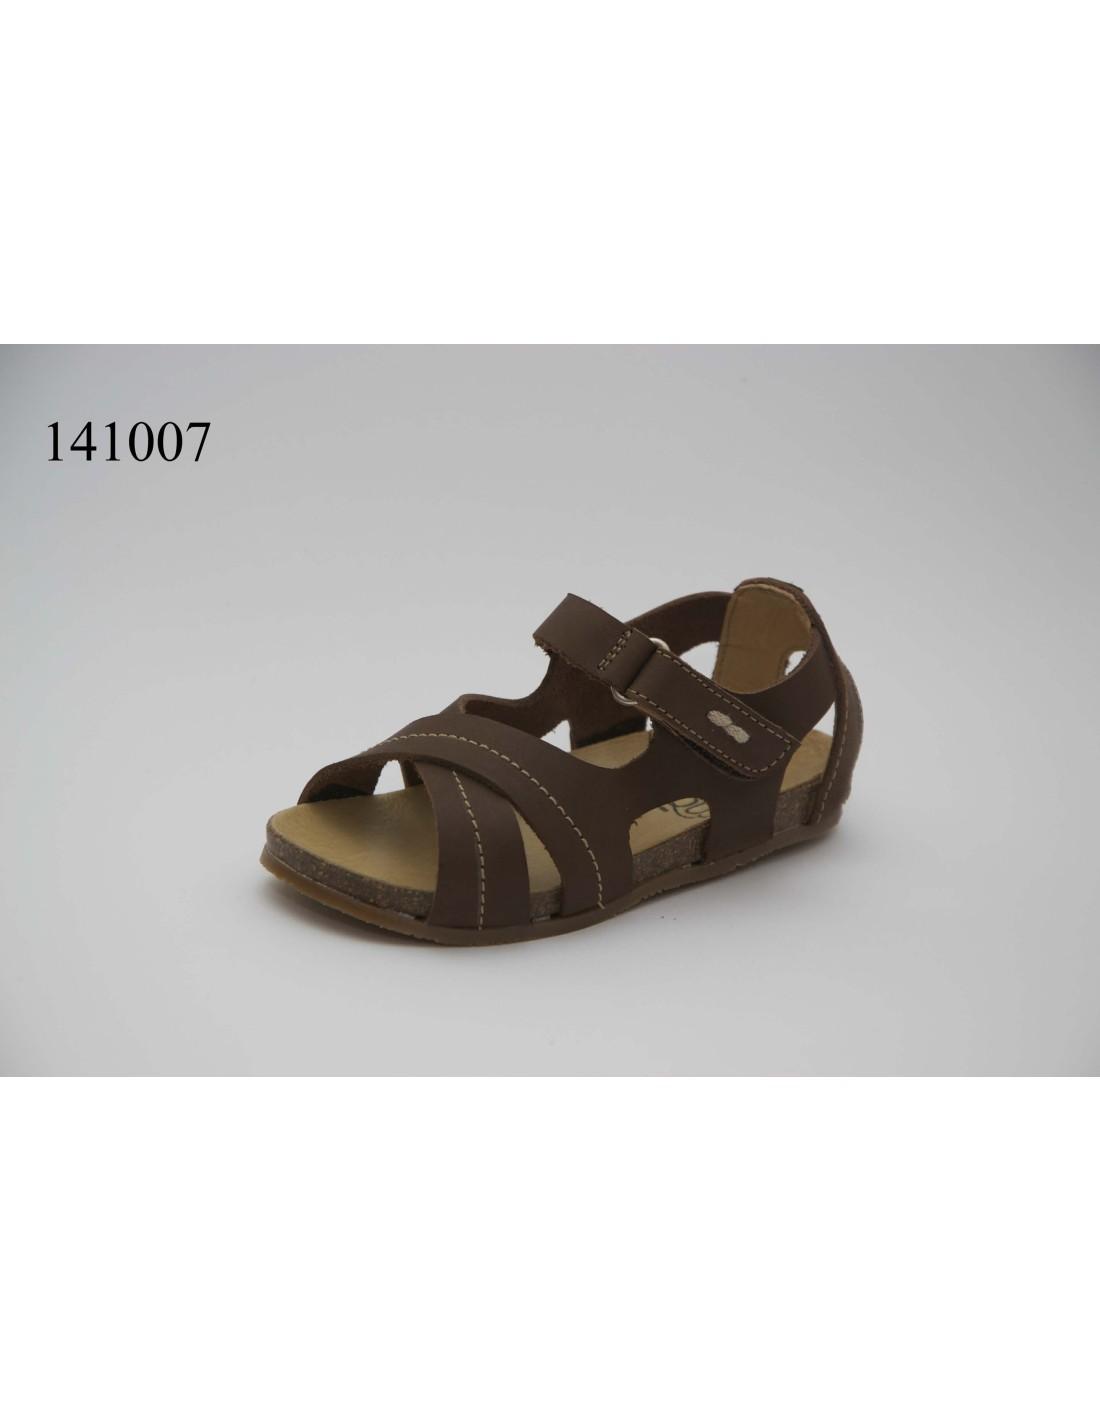 marca famosa Precio 50% comprar auténtico sandalias cirqus mod 141007, elaboradas en piel de fabricación española,  ideales para nuestros niños en tallas desde 20 a 30